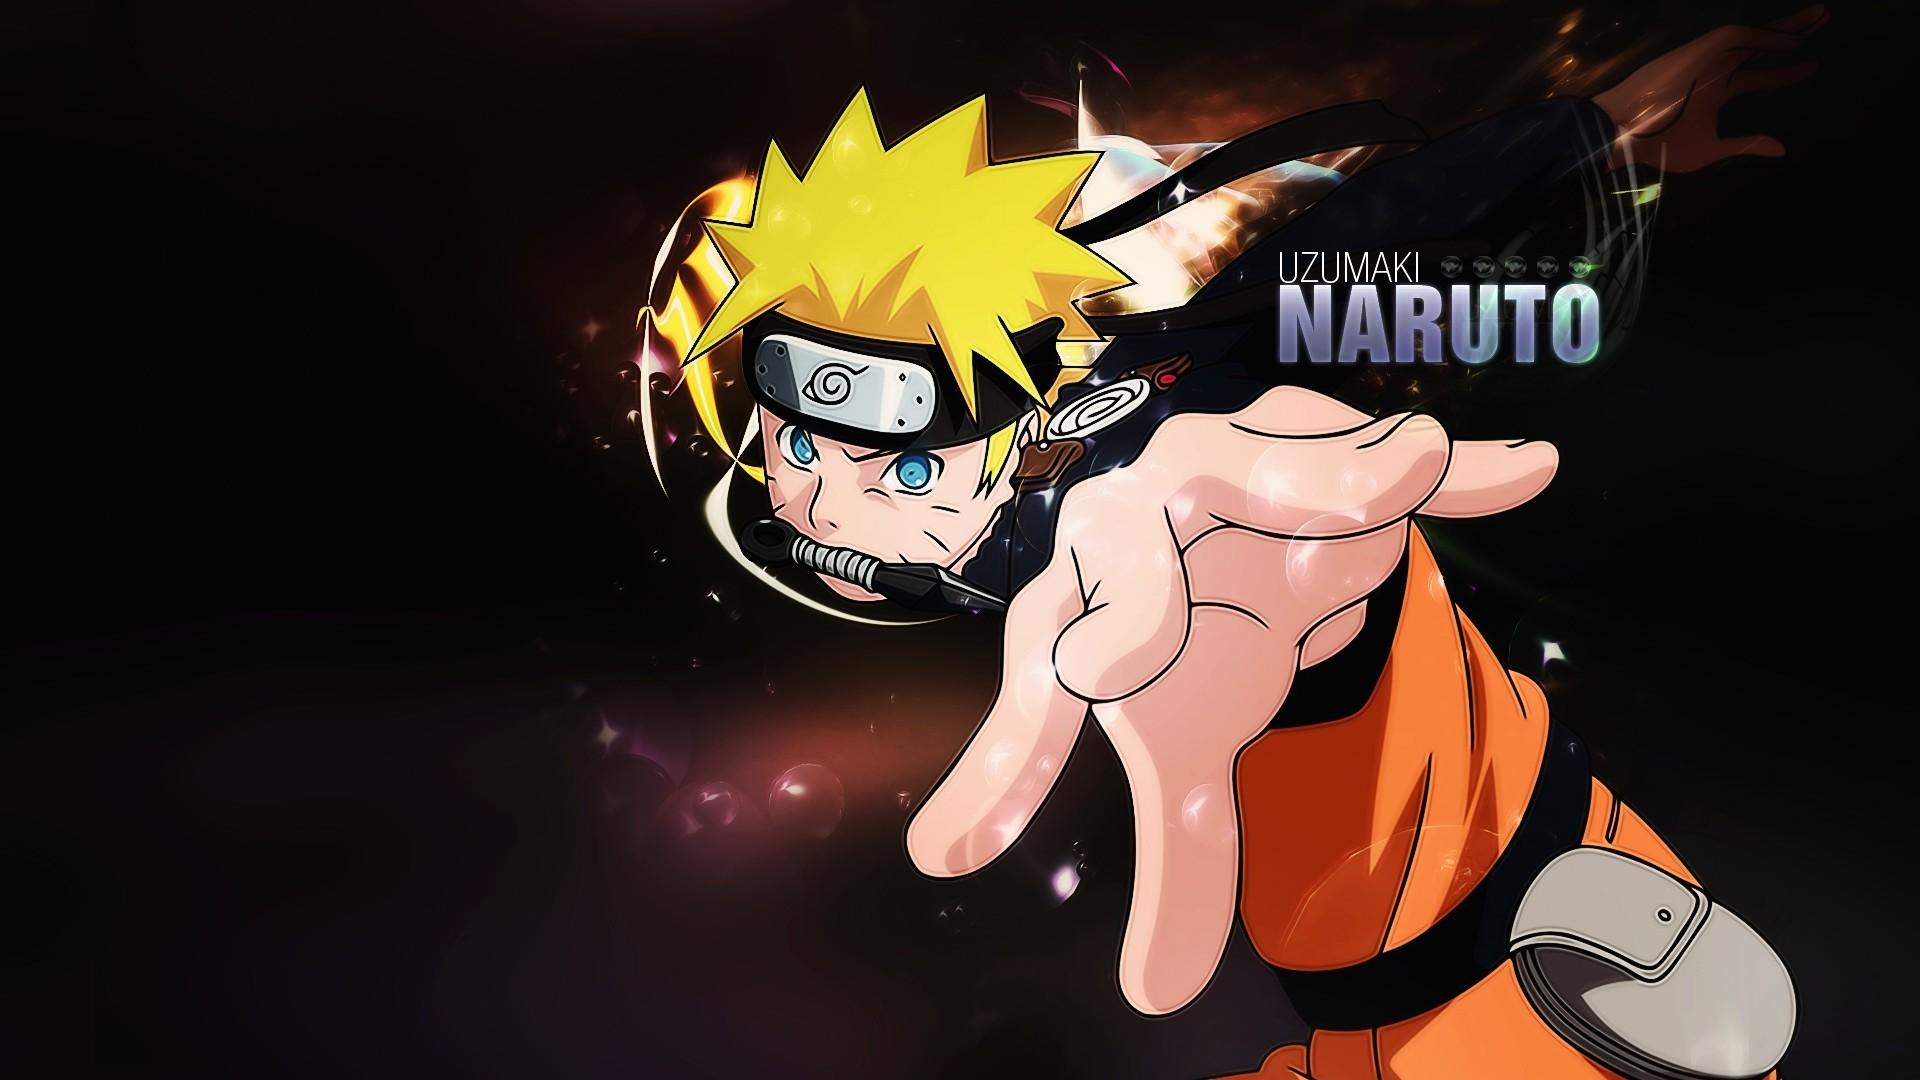 Unduh 6600 Koleksi Wallpaper Naruto Shippuden Gratis Terbaru